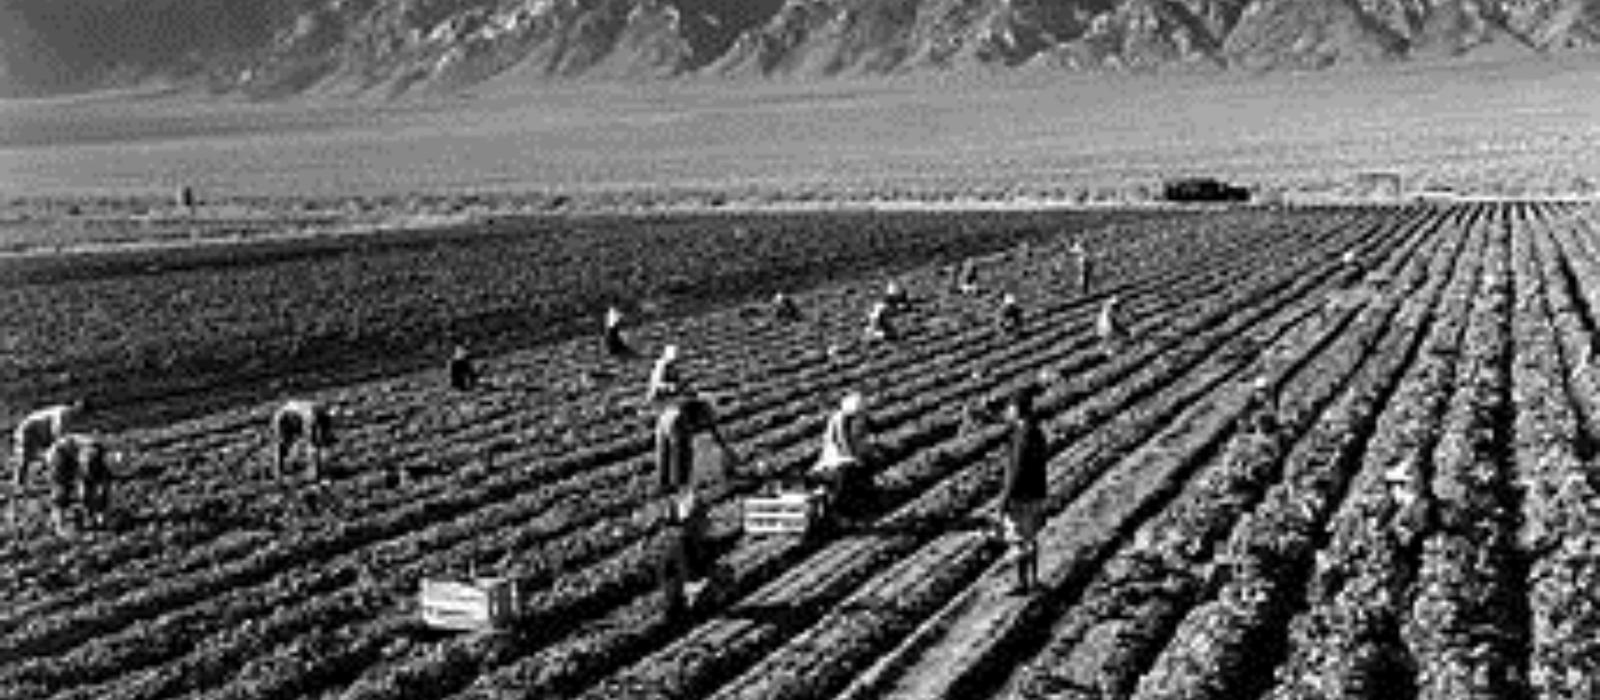 fieldworkers